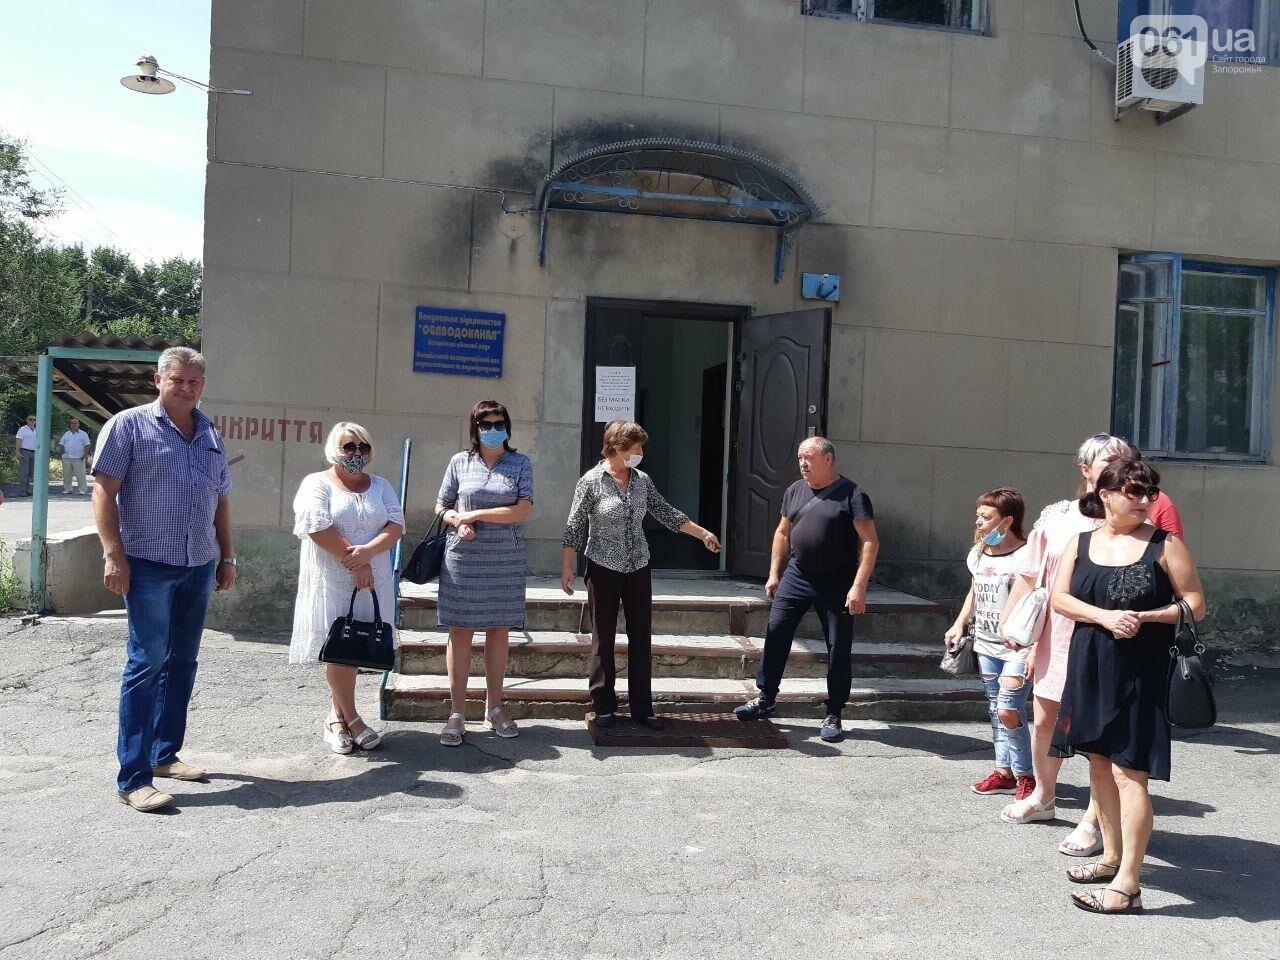 Работники водоканала грозятся перекрыть трассу в Васильевке: люди требуют, чтобы им выплатили зарплату, - ФОТО , фото-3